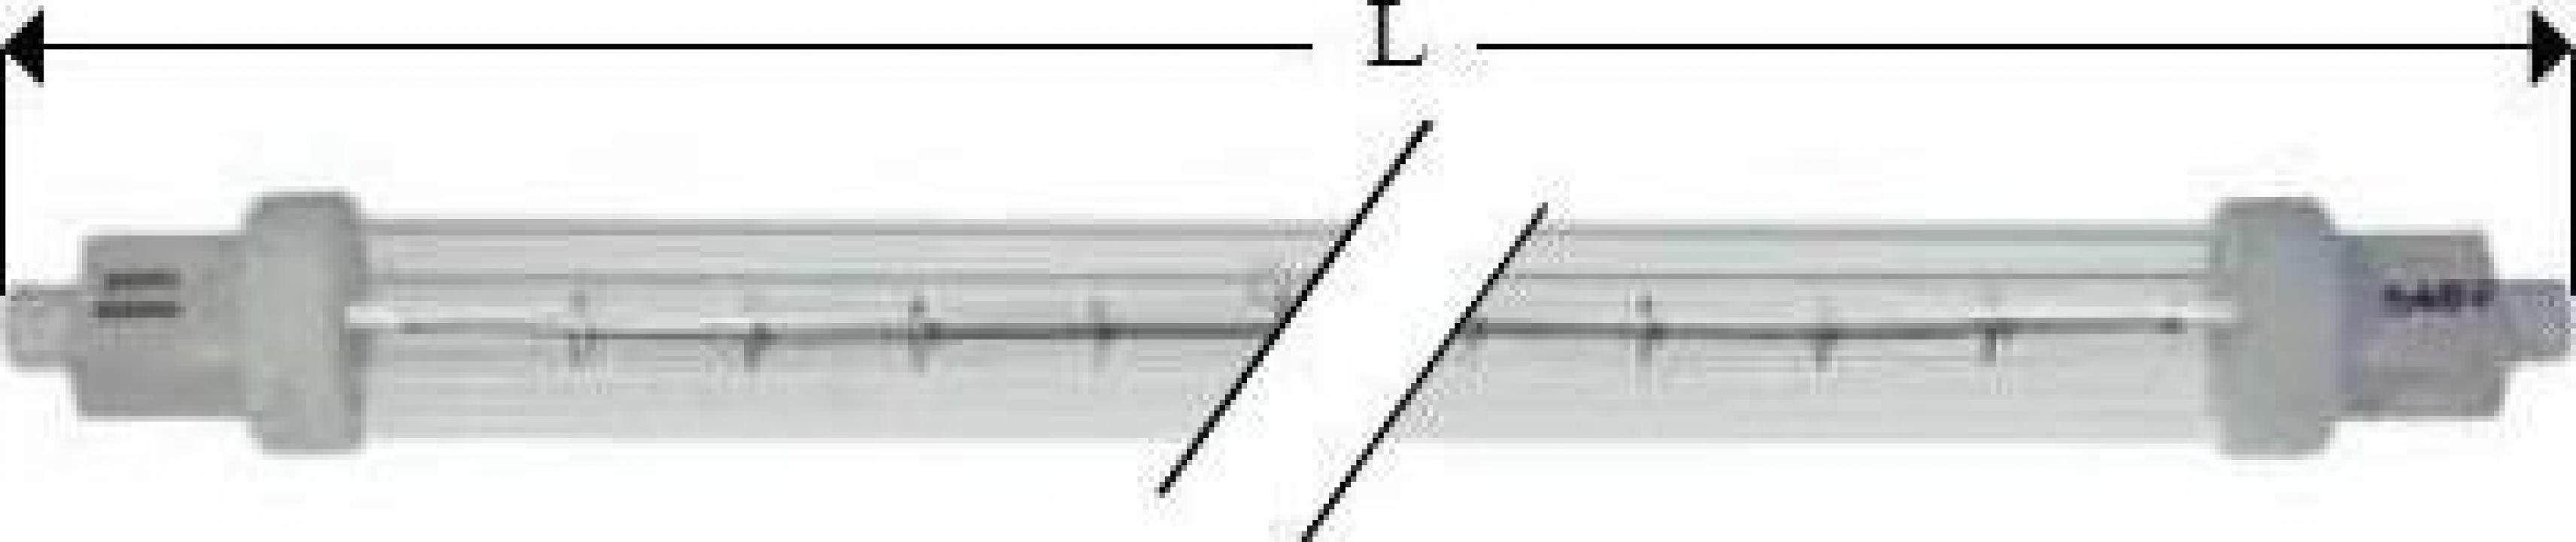 Lampa infrarosu R7s, 240V, 1000W, L349mm 359537